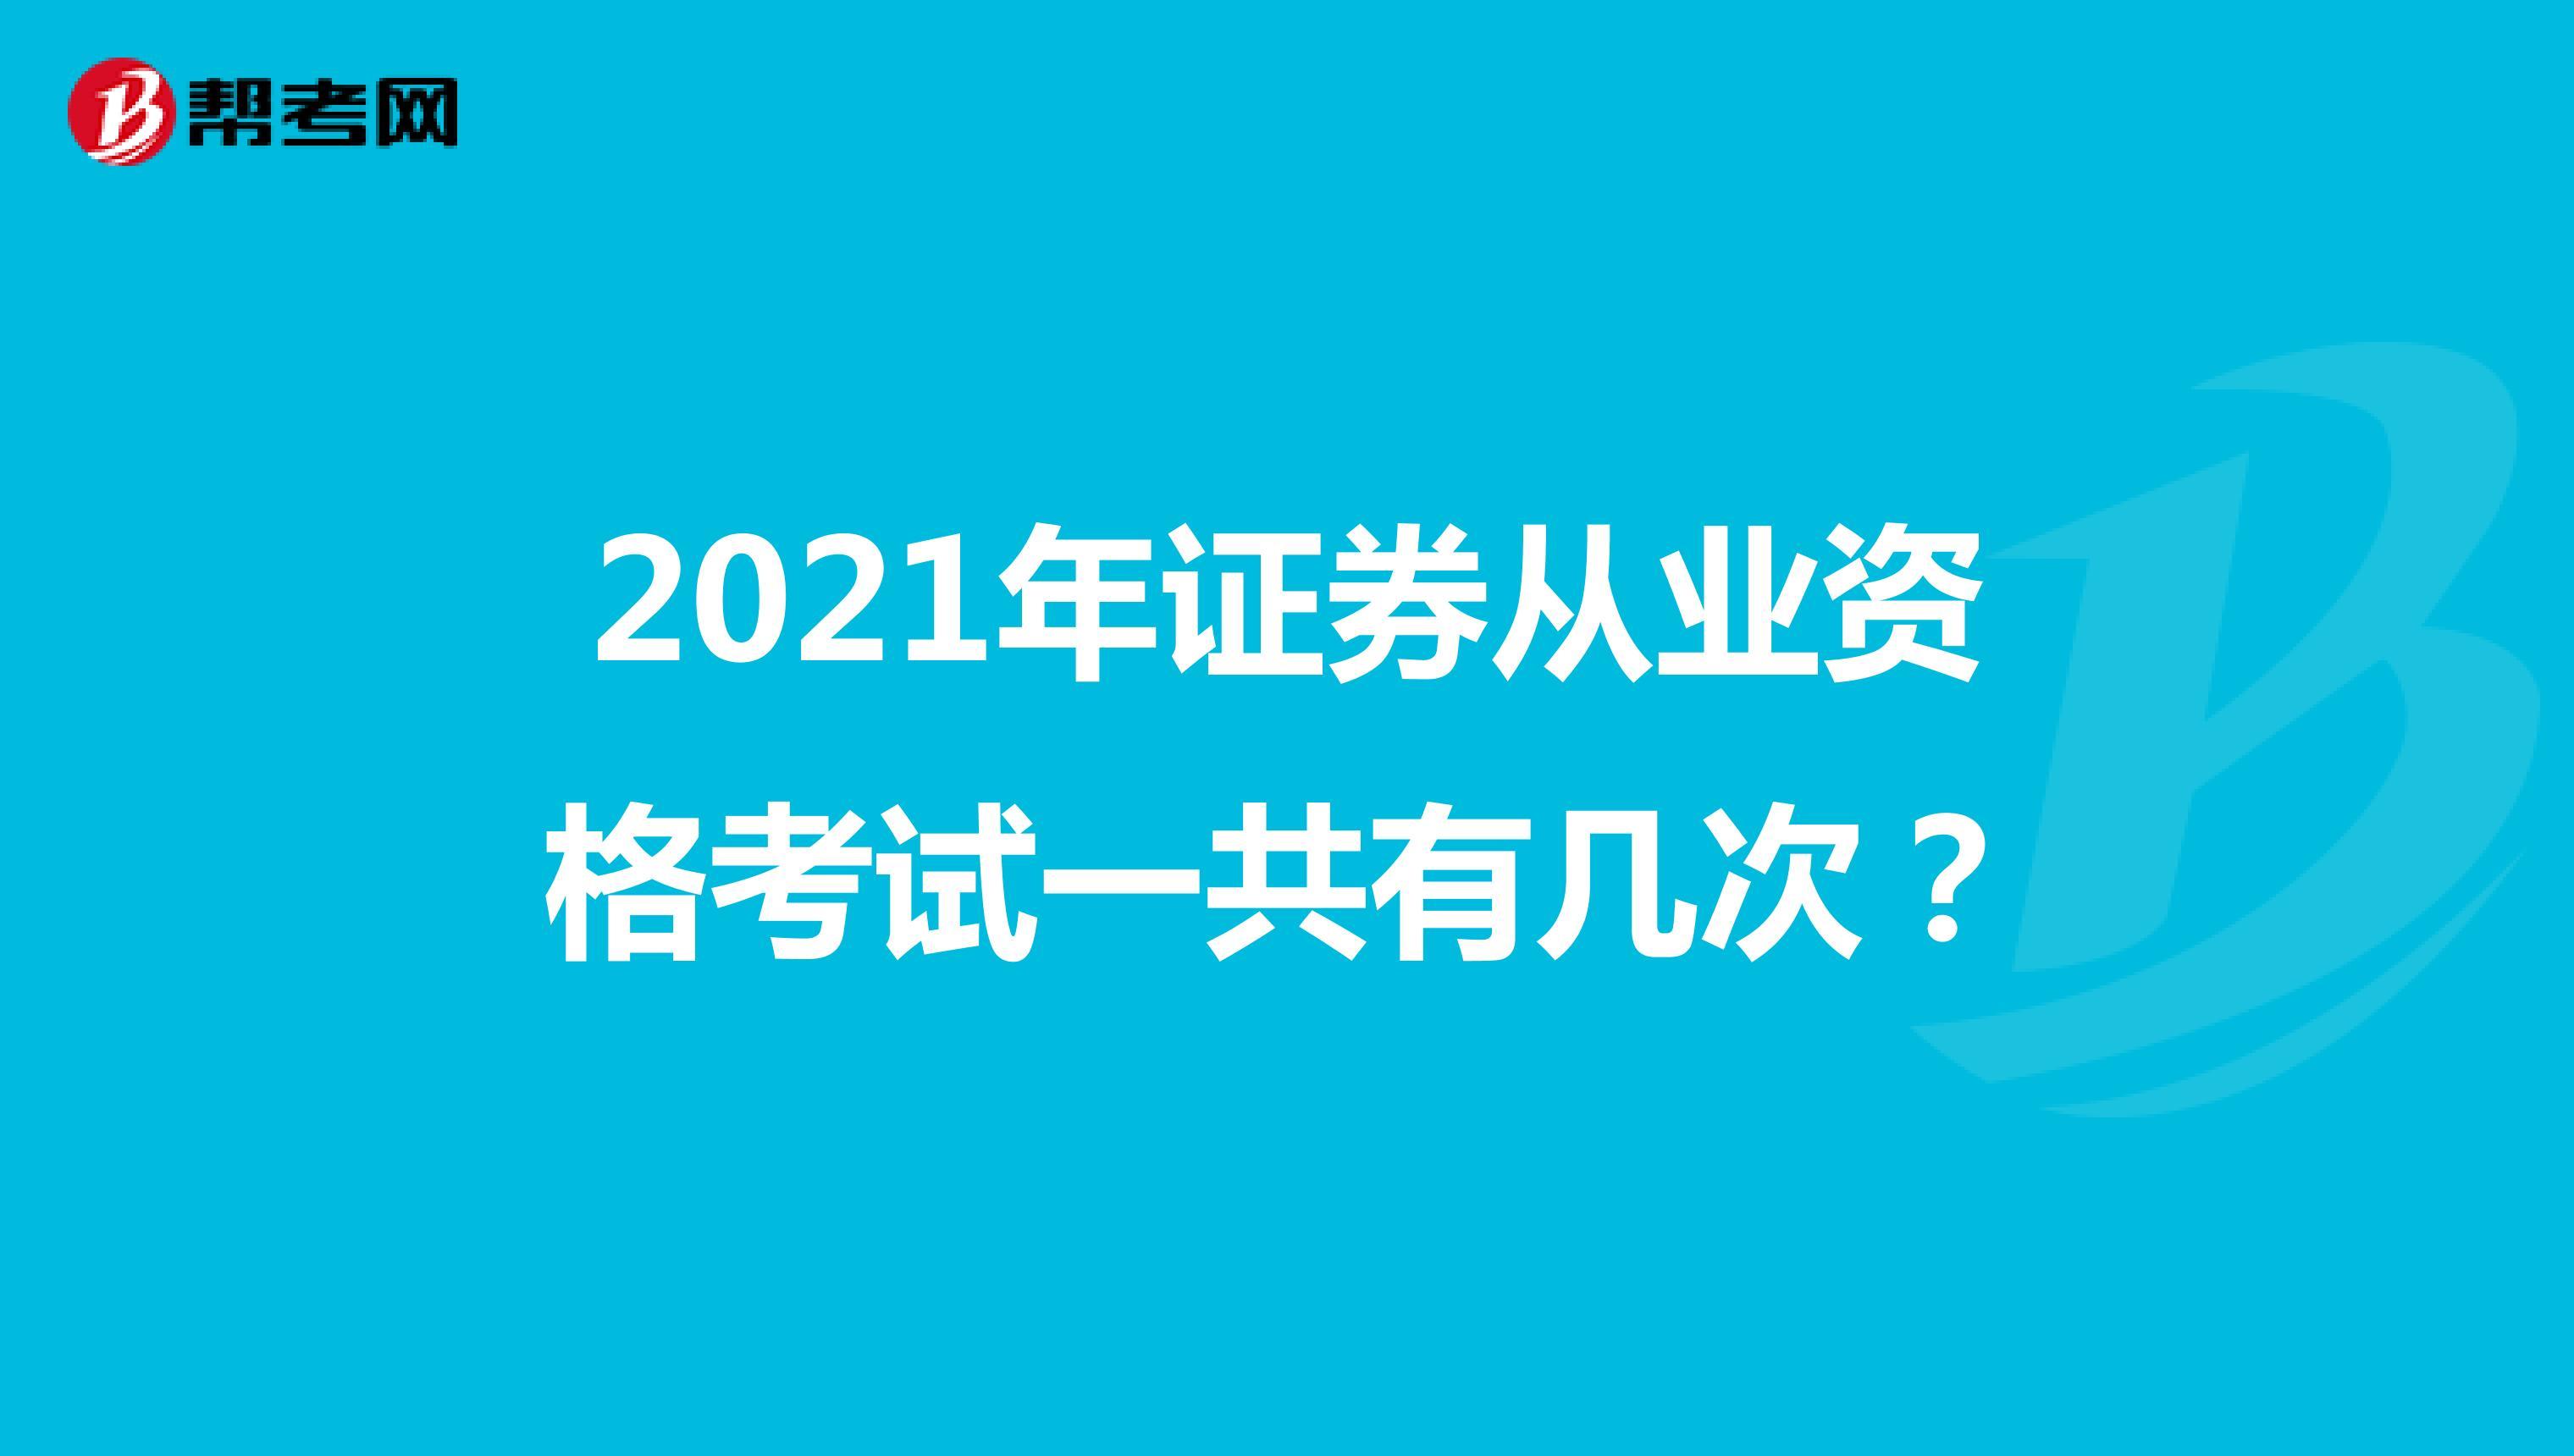 2021年证券从业资格考试一共有几次?